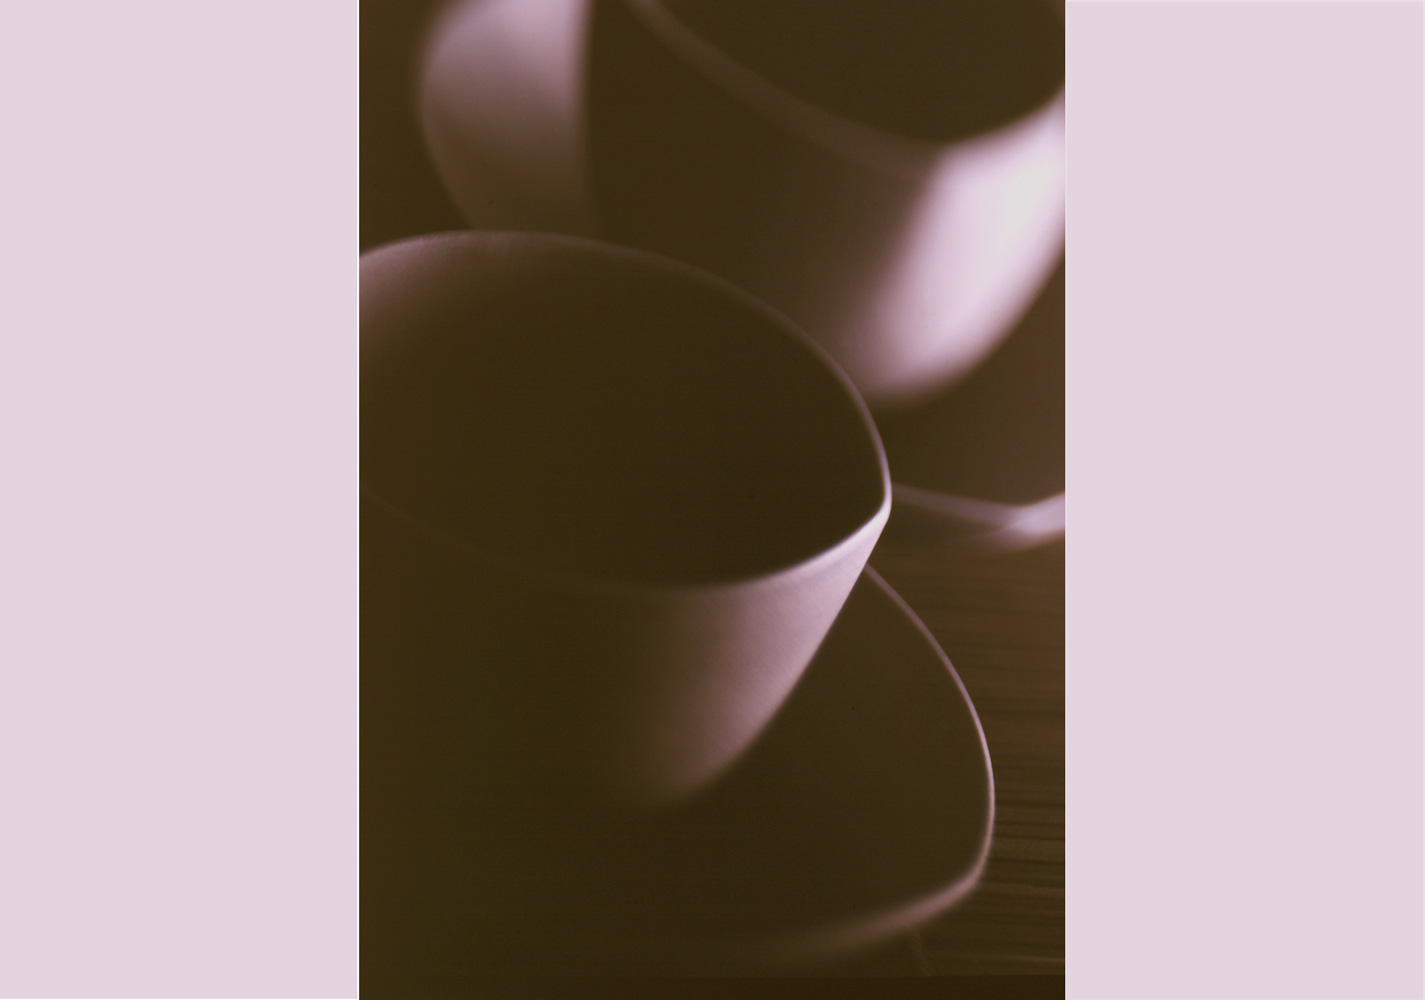 schwarze-Tassen-brauner